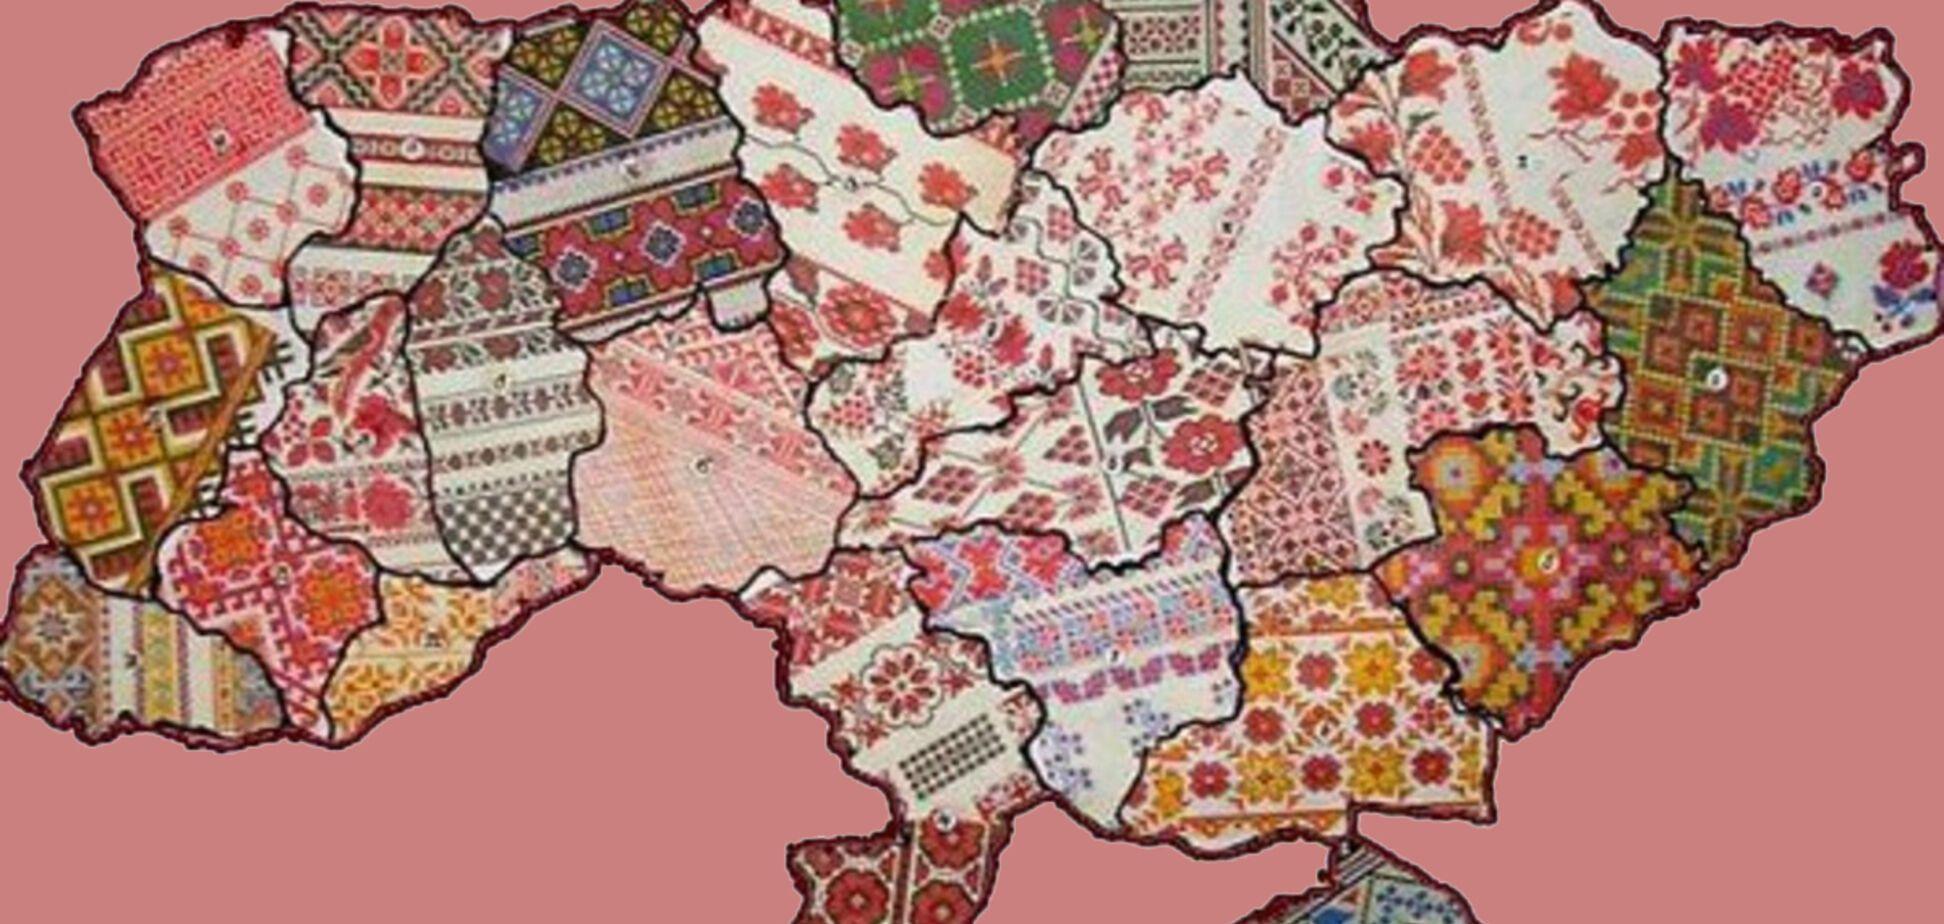 Скандал на КремльТВ з федералізацією України: з'явилася реакція